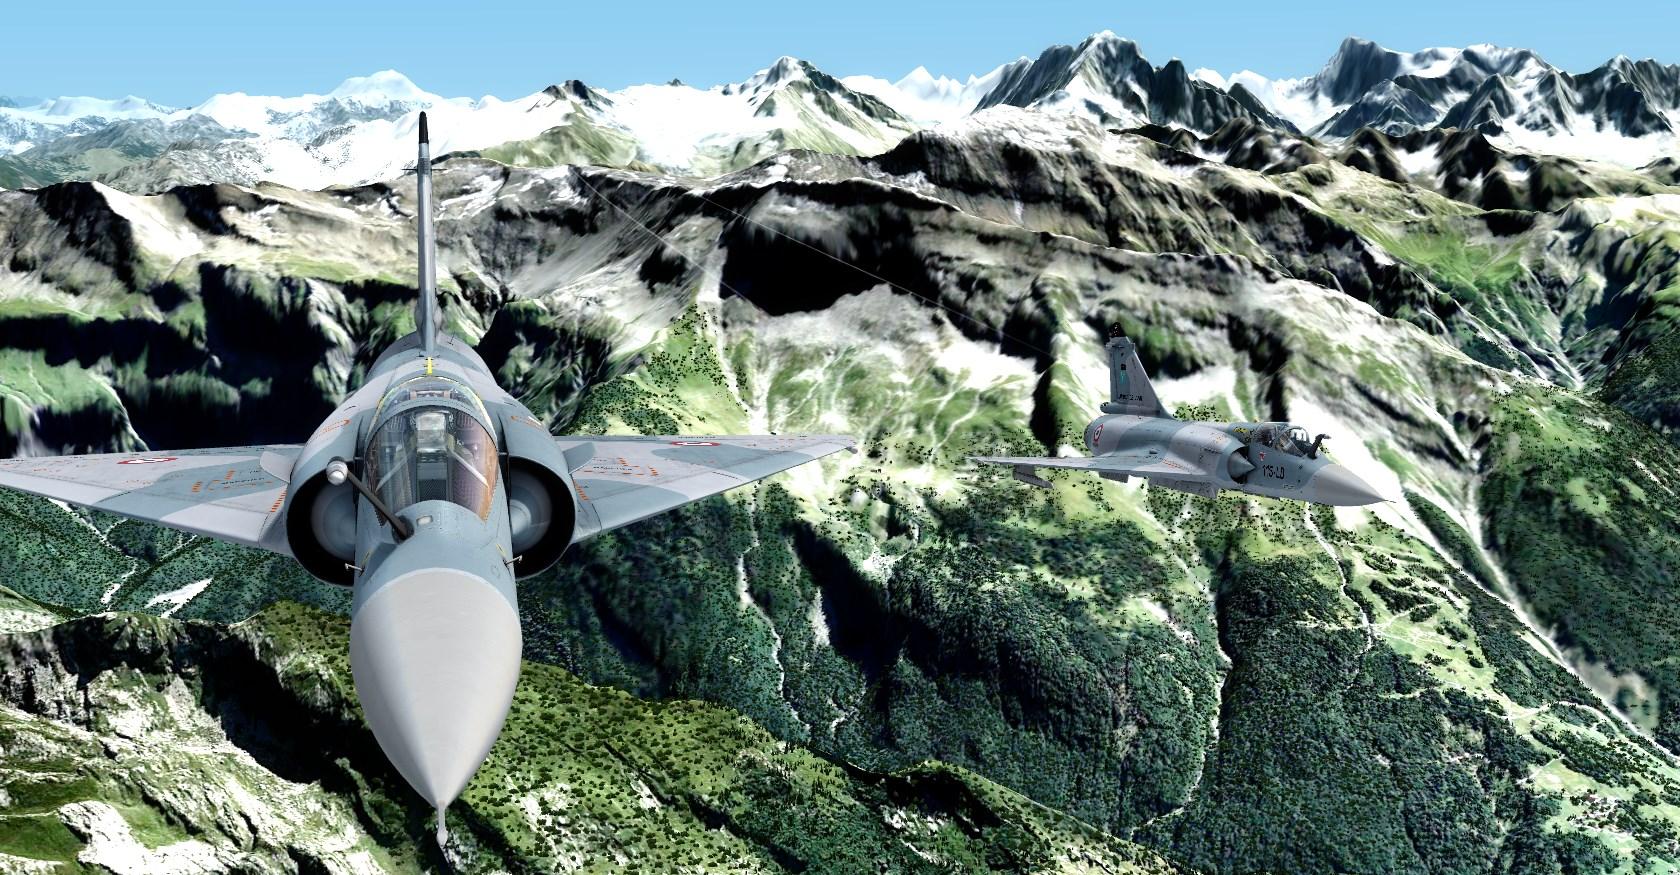 Pilote-Virtuel com - Forum de simulation aérienne / [X-Plane] Xplane